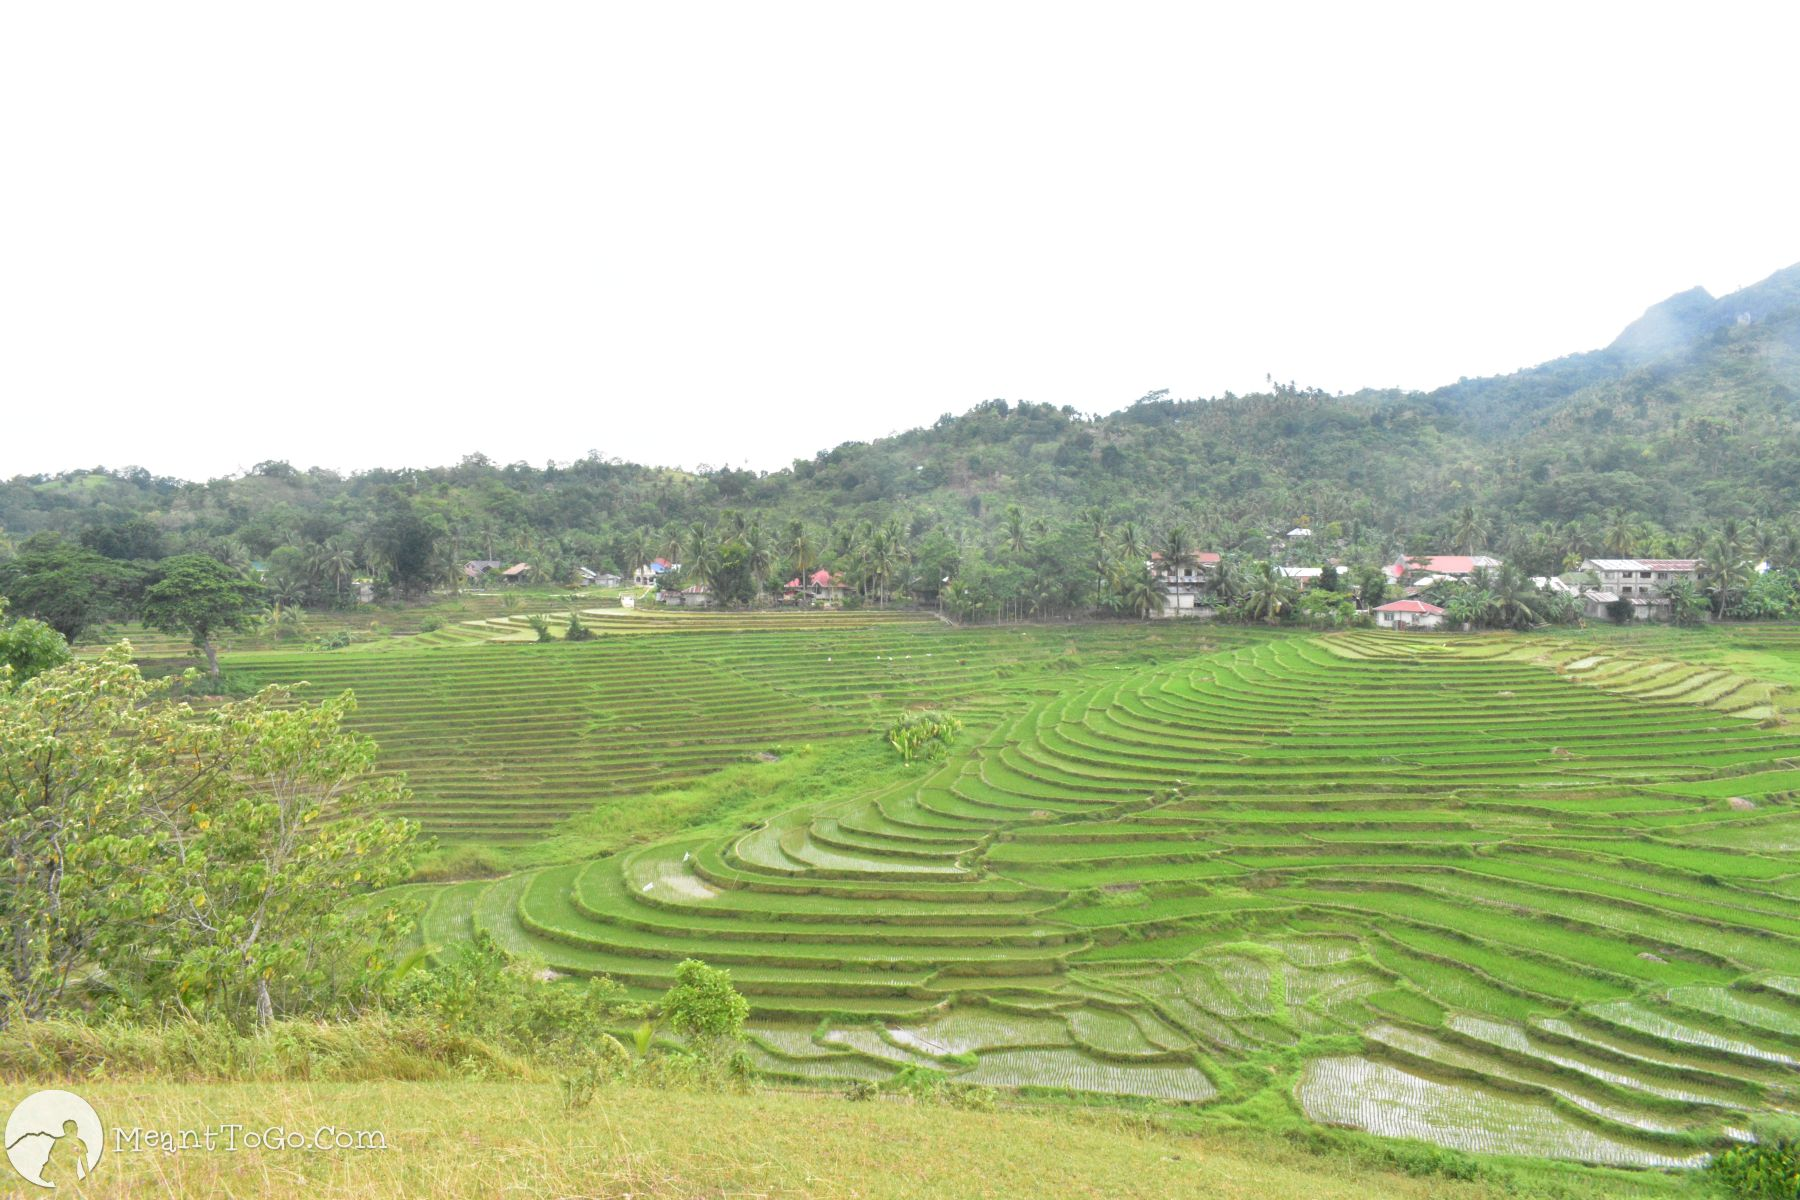 cadapdapan rice terraces, candijay, bohol